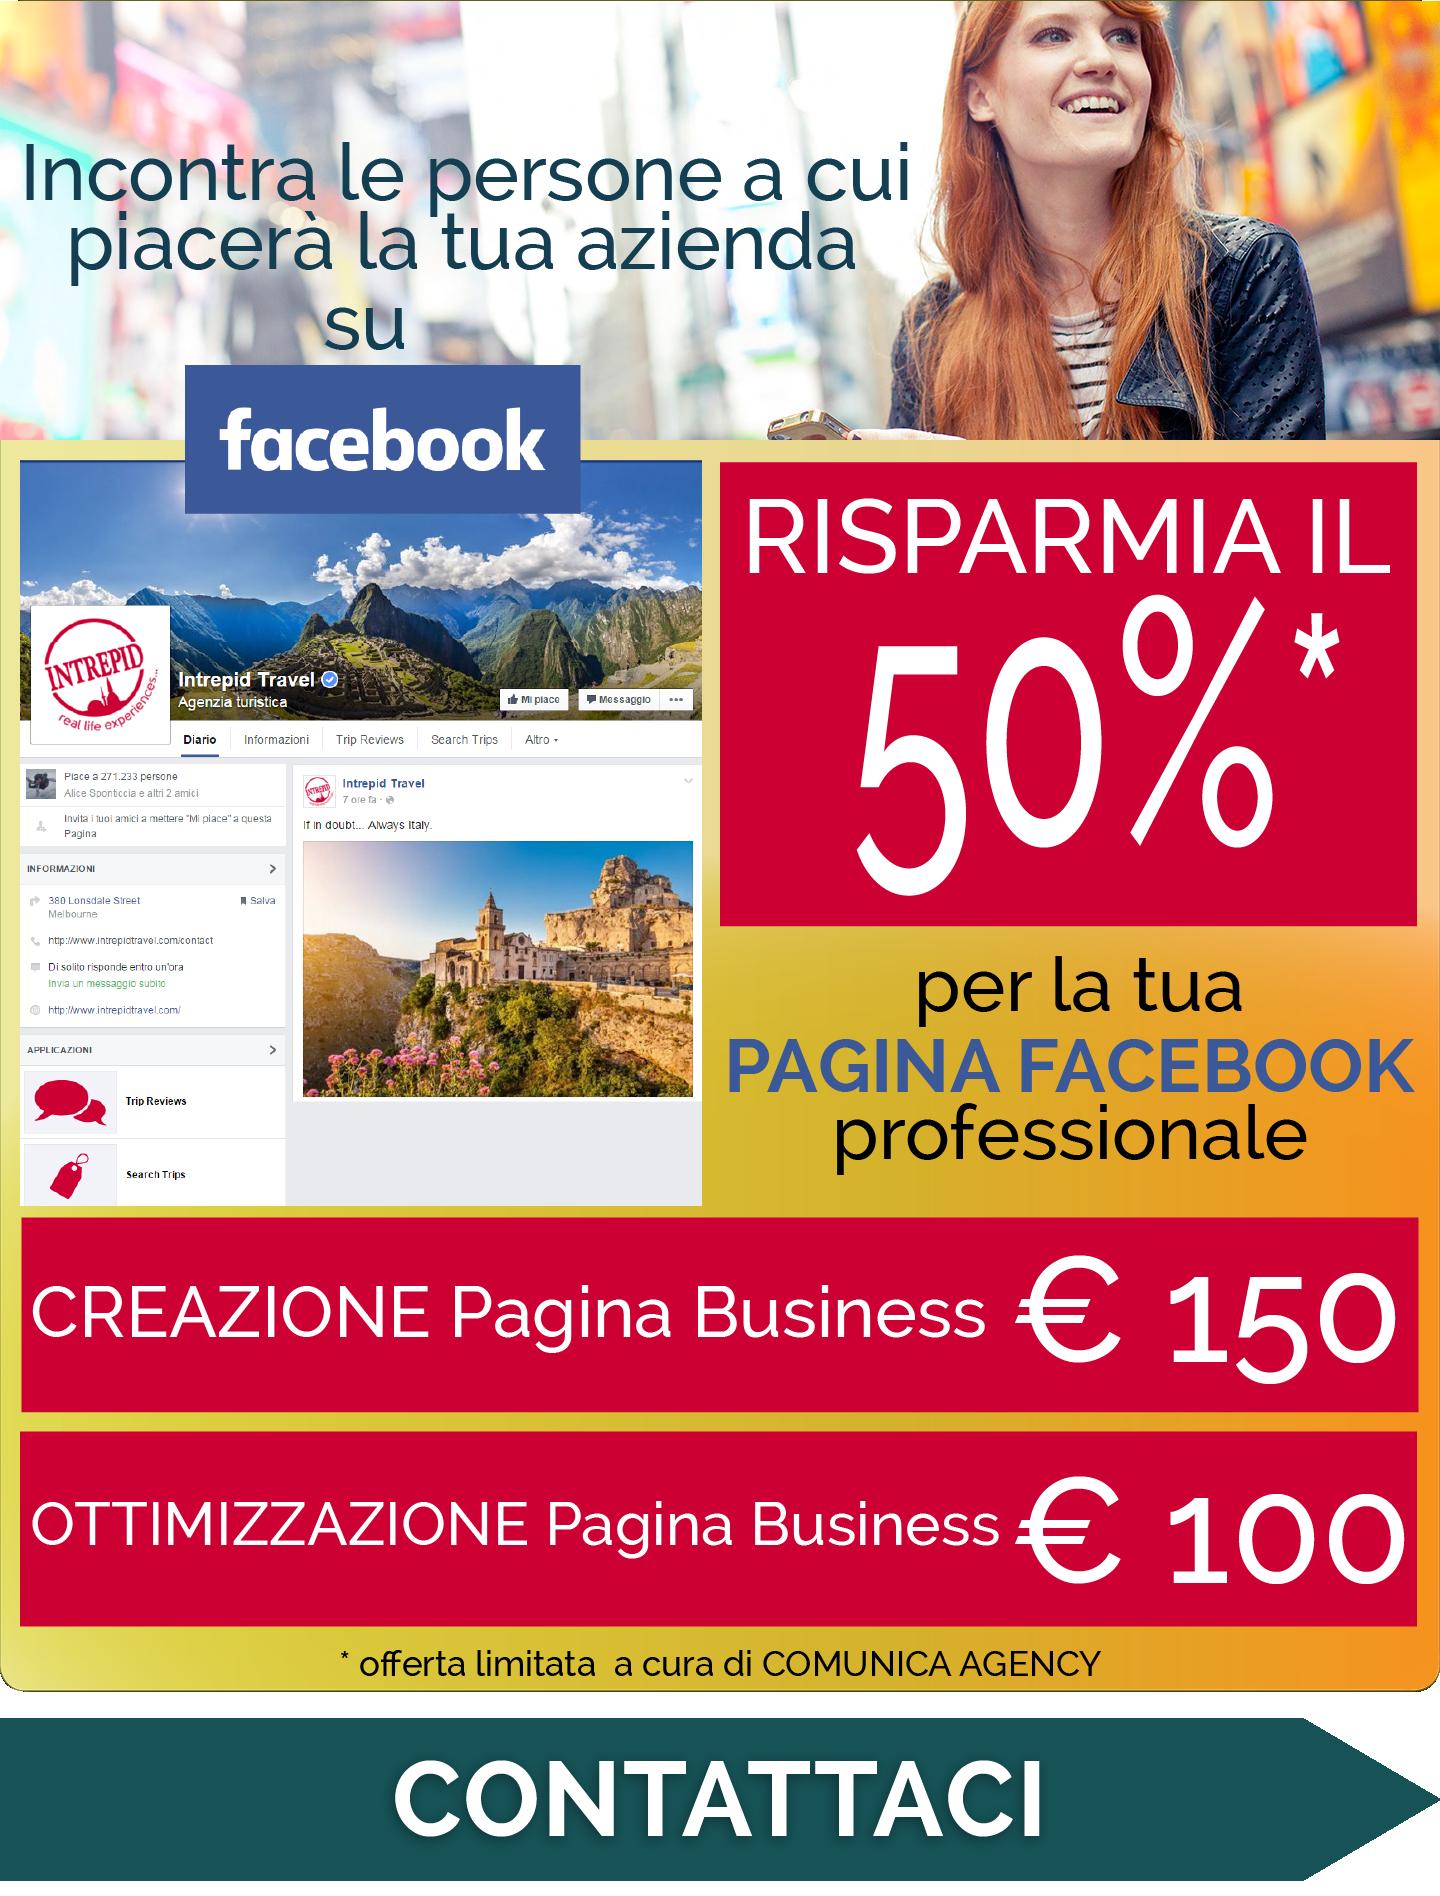 offerta-creazione-ottimizzazione-pagina-facebook-imprese-professionale-social-media-agenzia-umbria-1